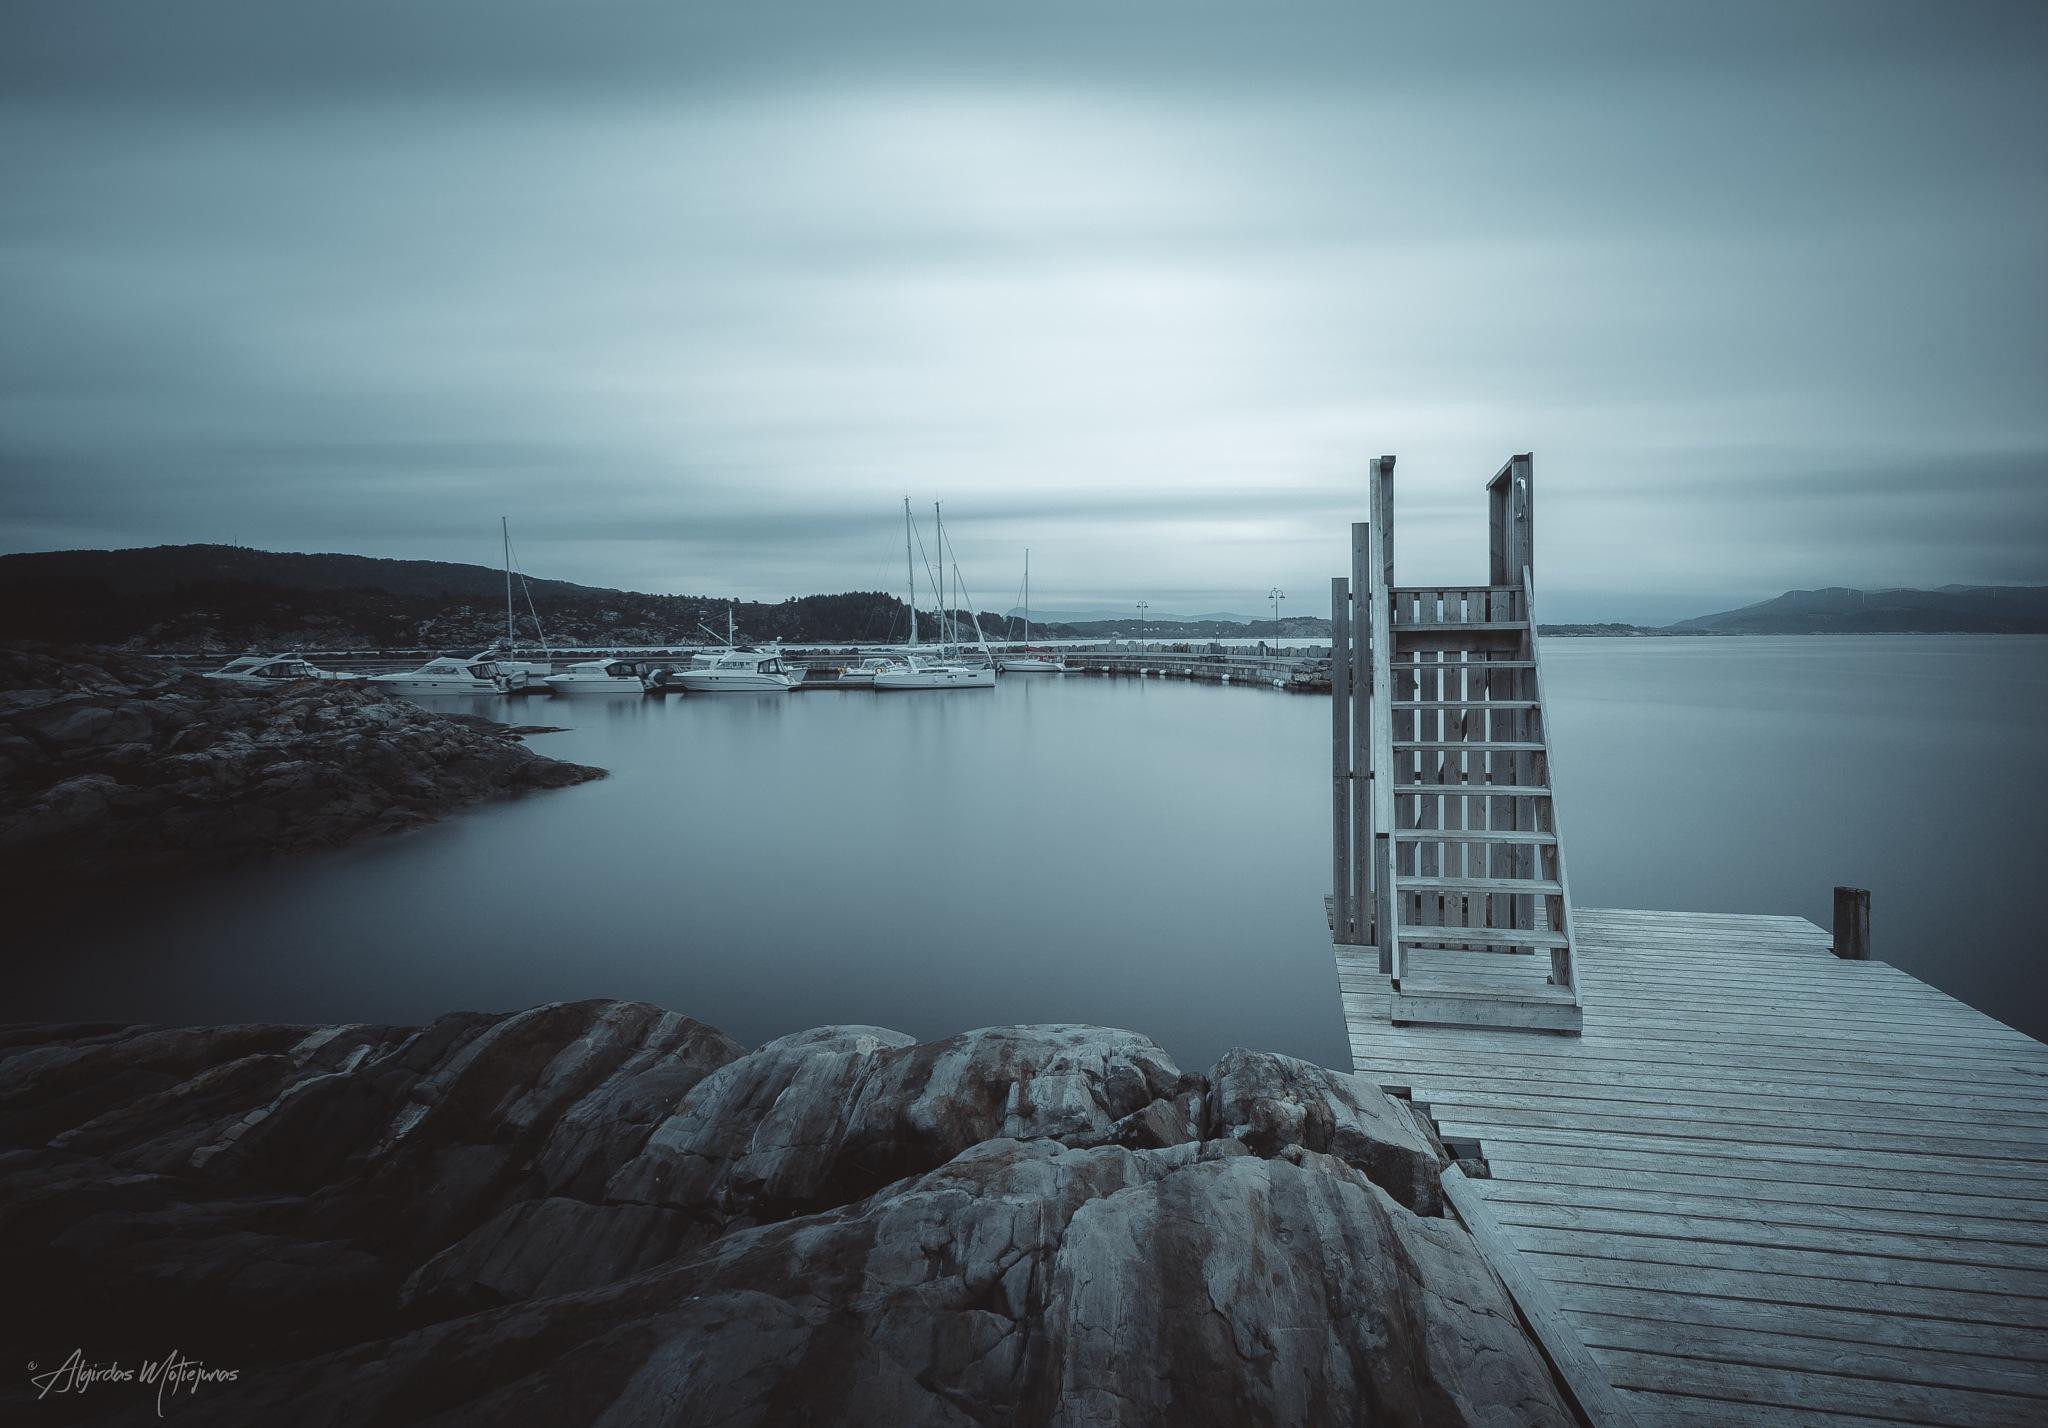 Austevoll Islands Norway by Algirdas Motiejunas